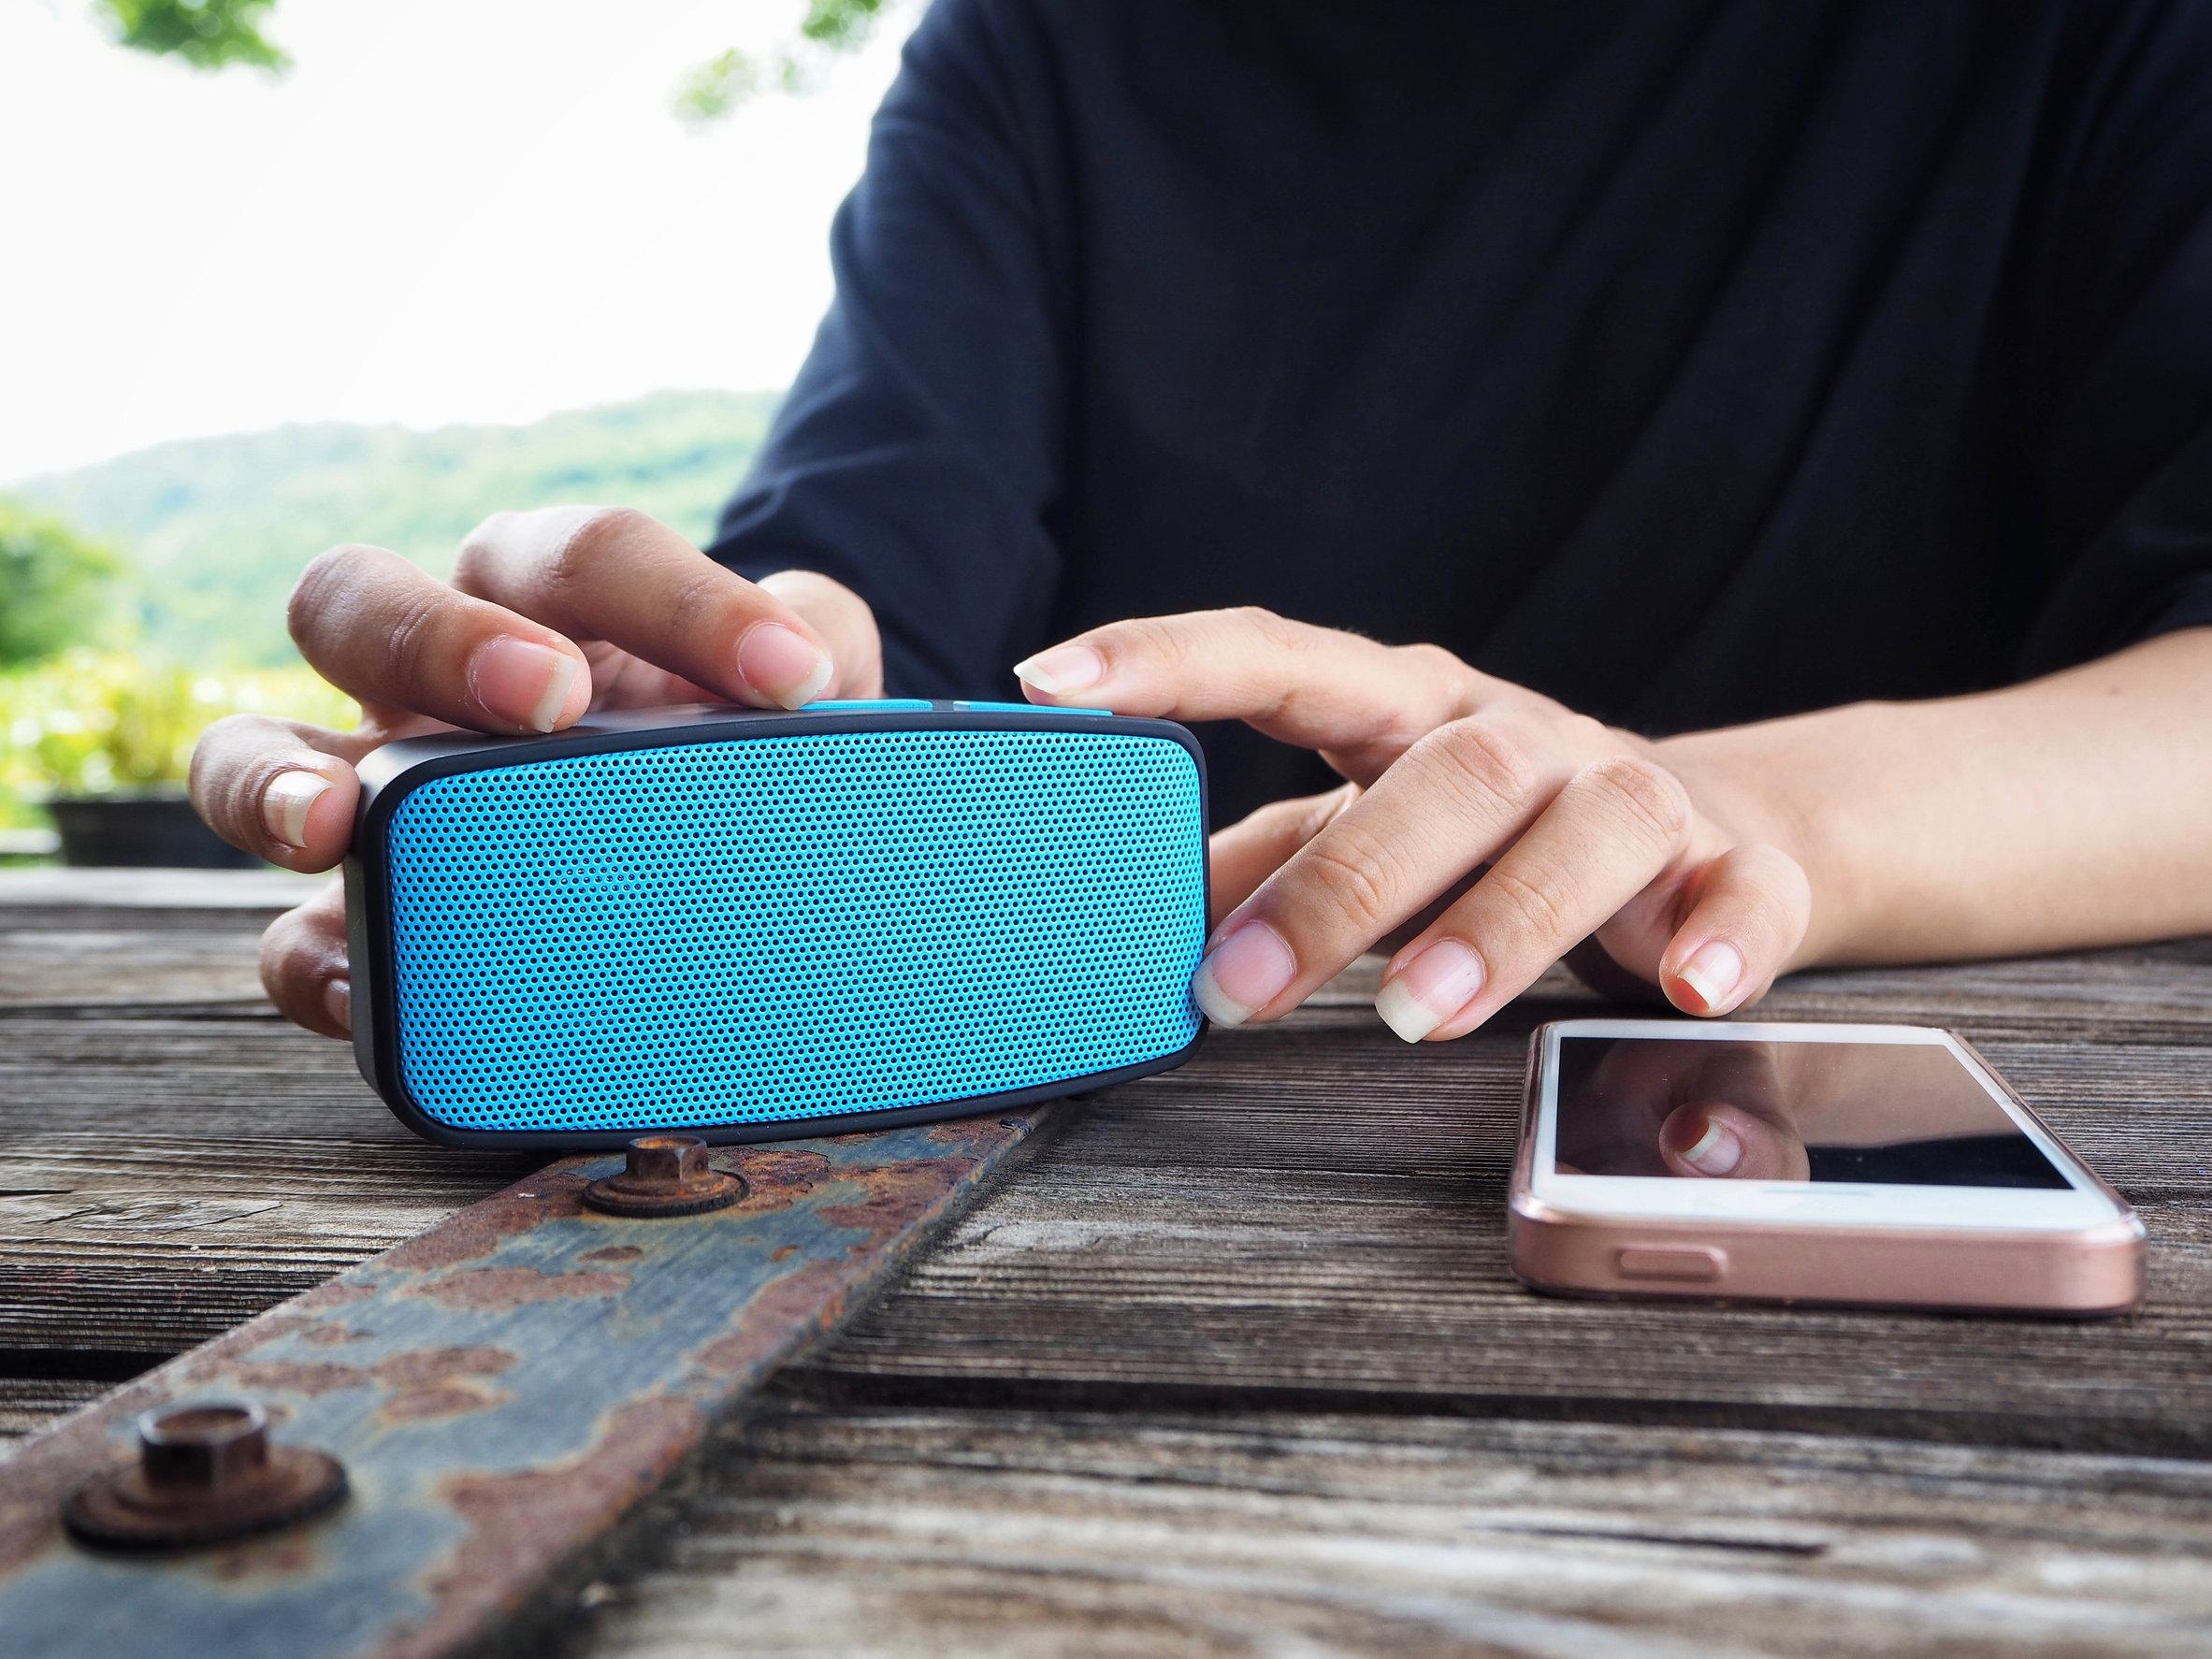 Persona con speaker bluetooth